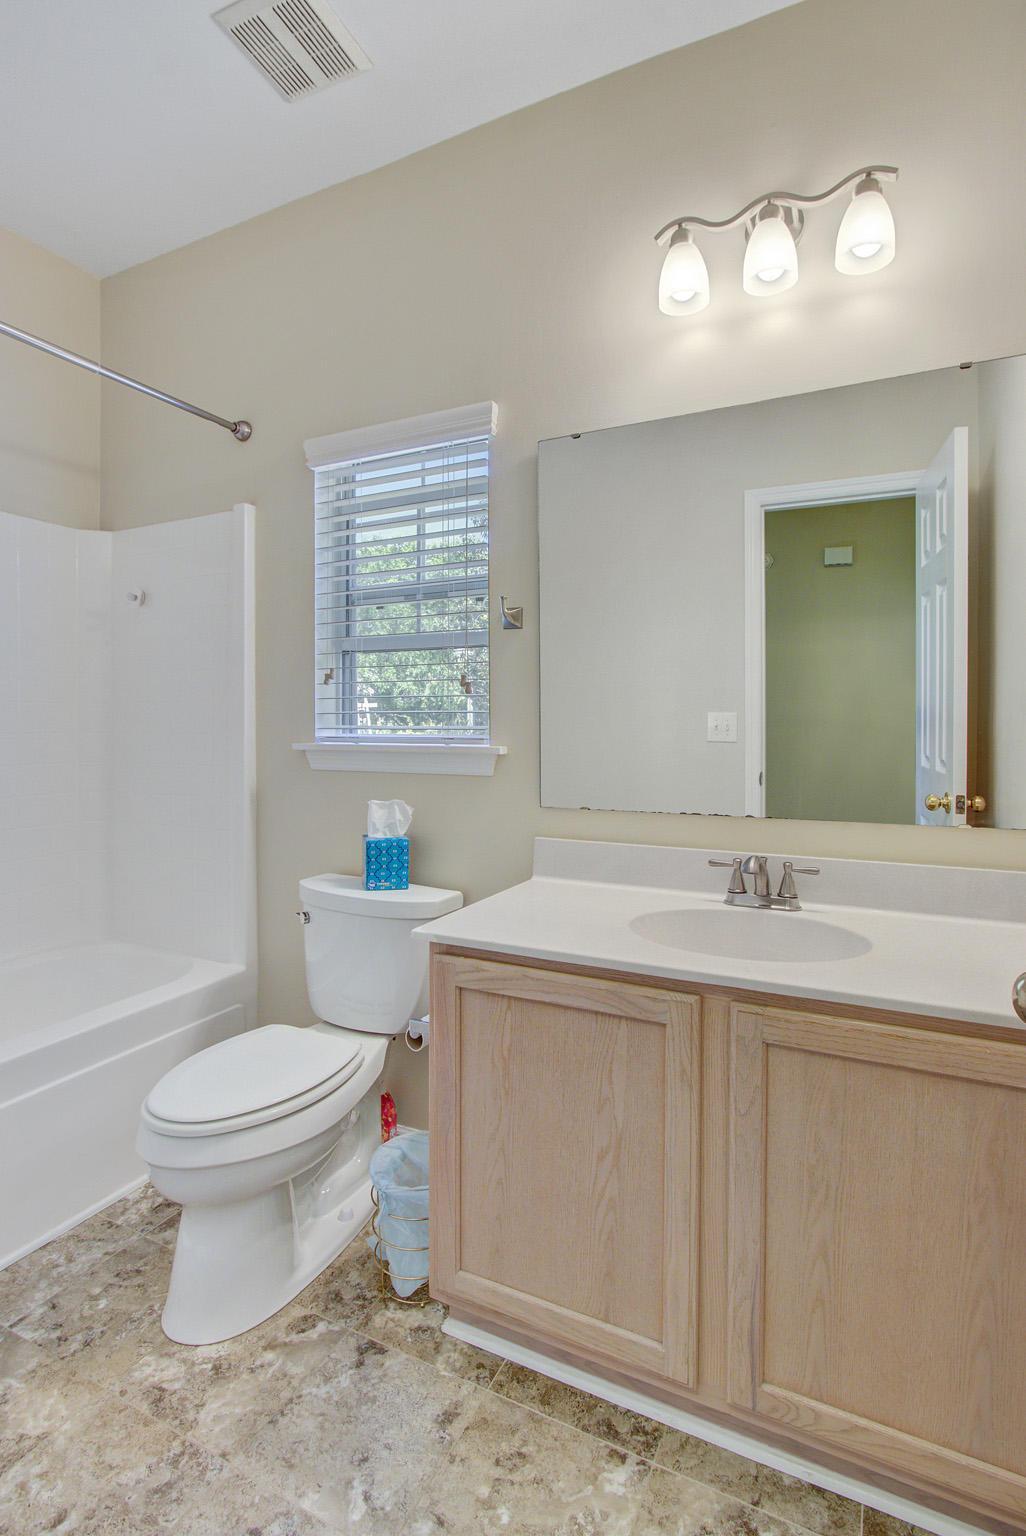 Dunes West Homes For Sale - 1645 Pin Oak Cut, Mount Pleasant, SC - 3